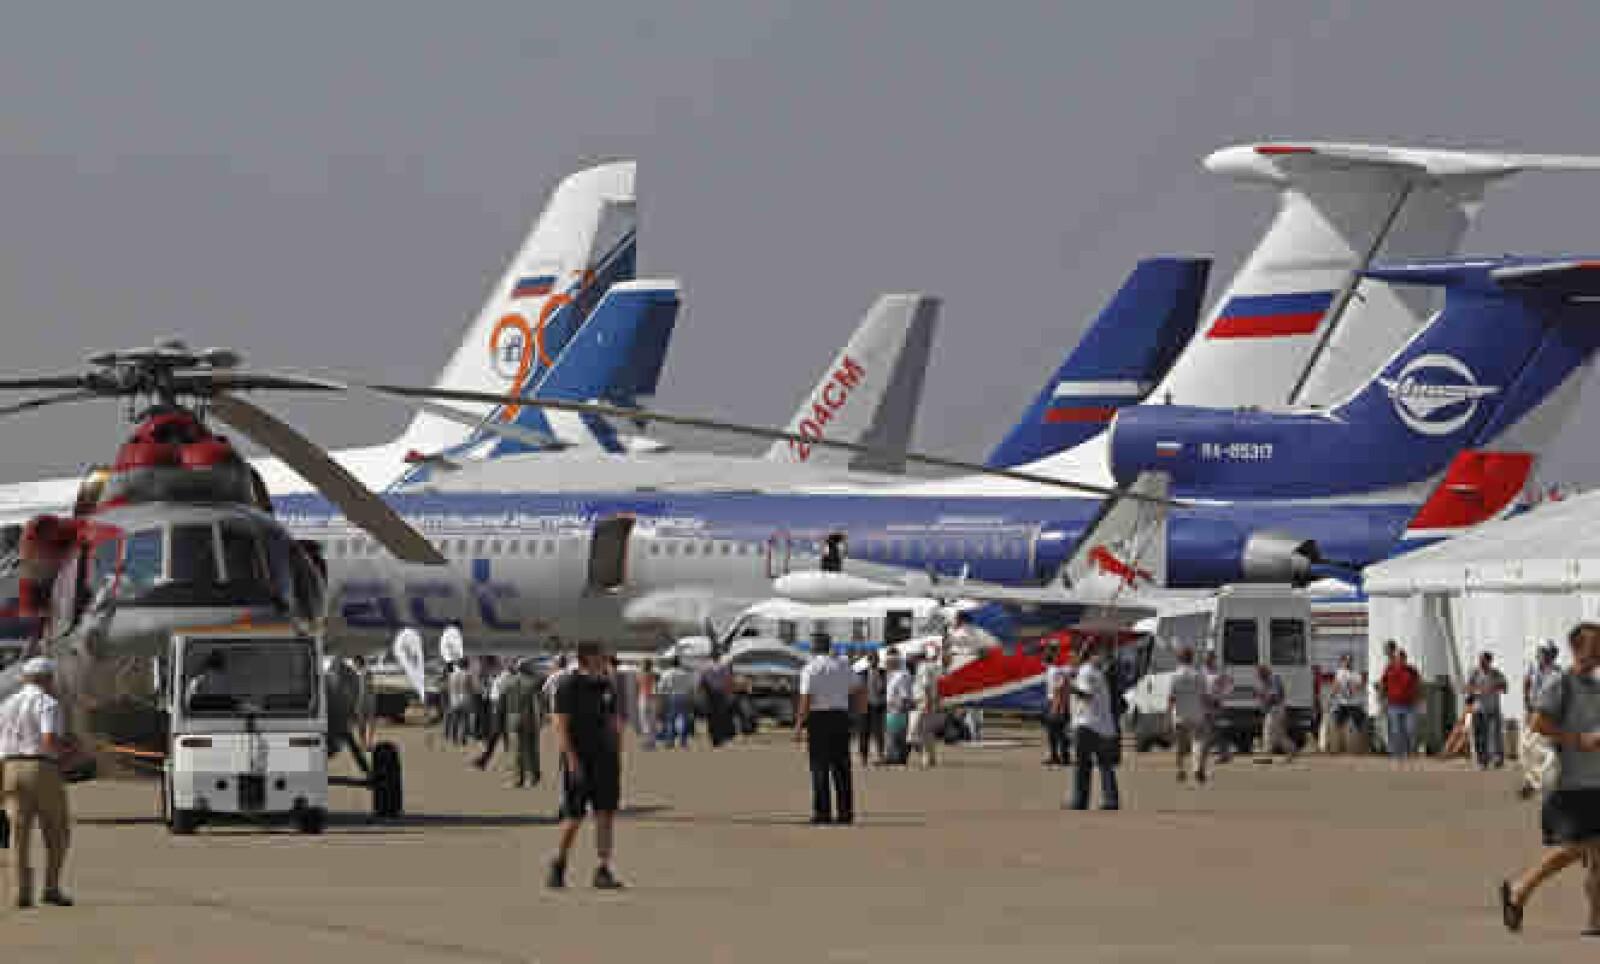 La industria de la aviación rusa intenta recobrar su esplendor tras la caída de la URSS en 1991.